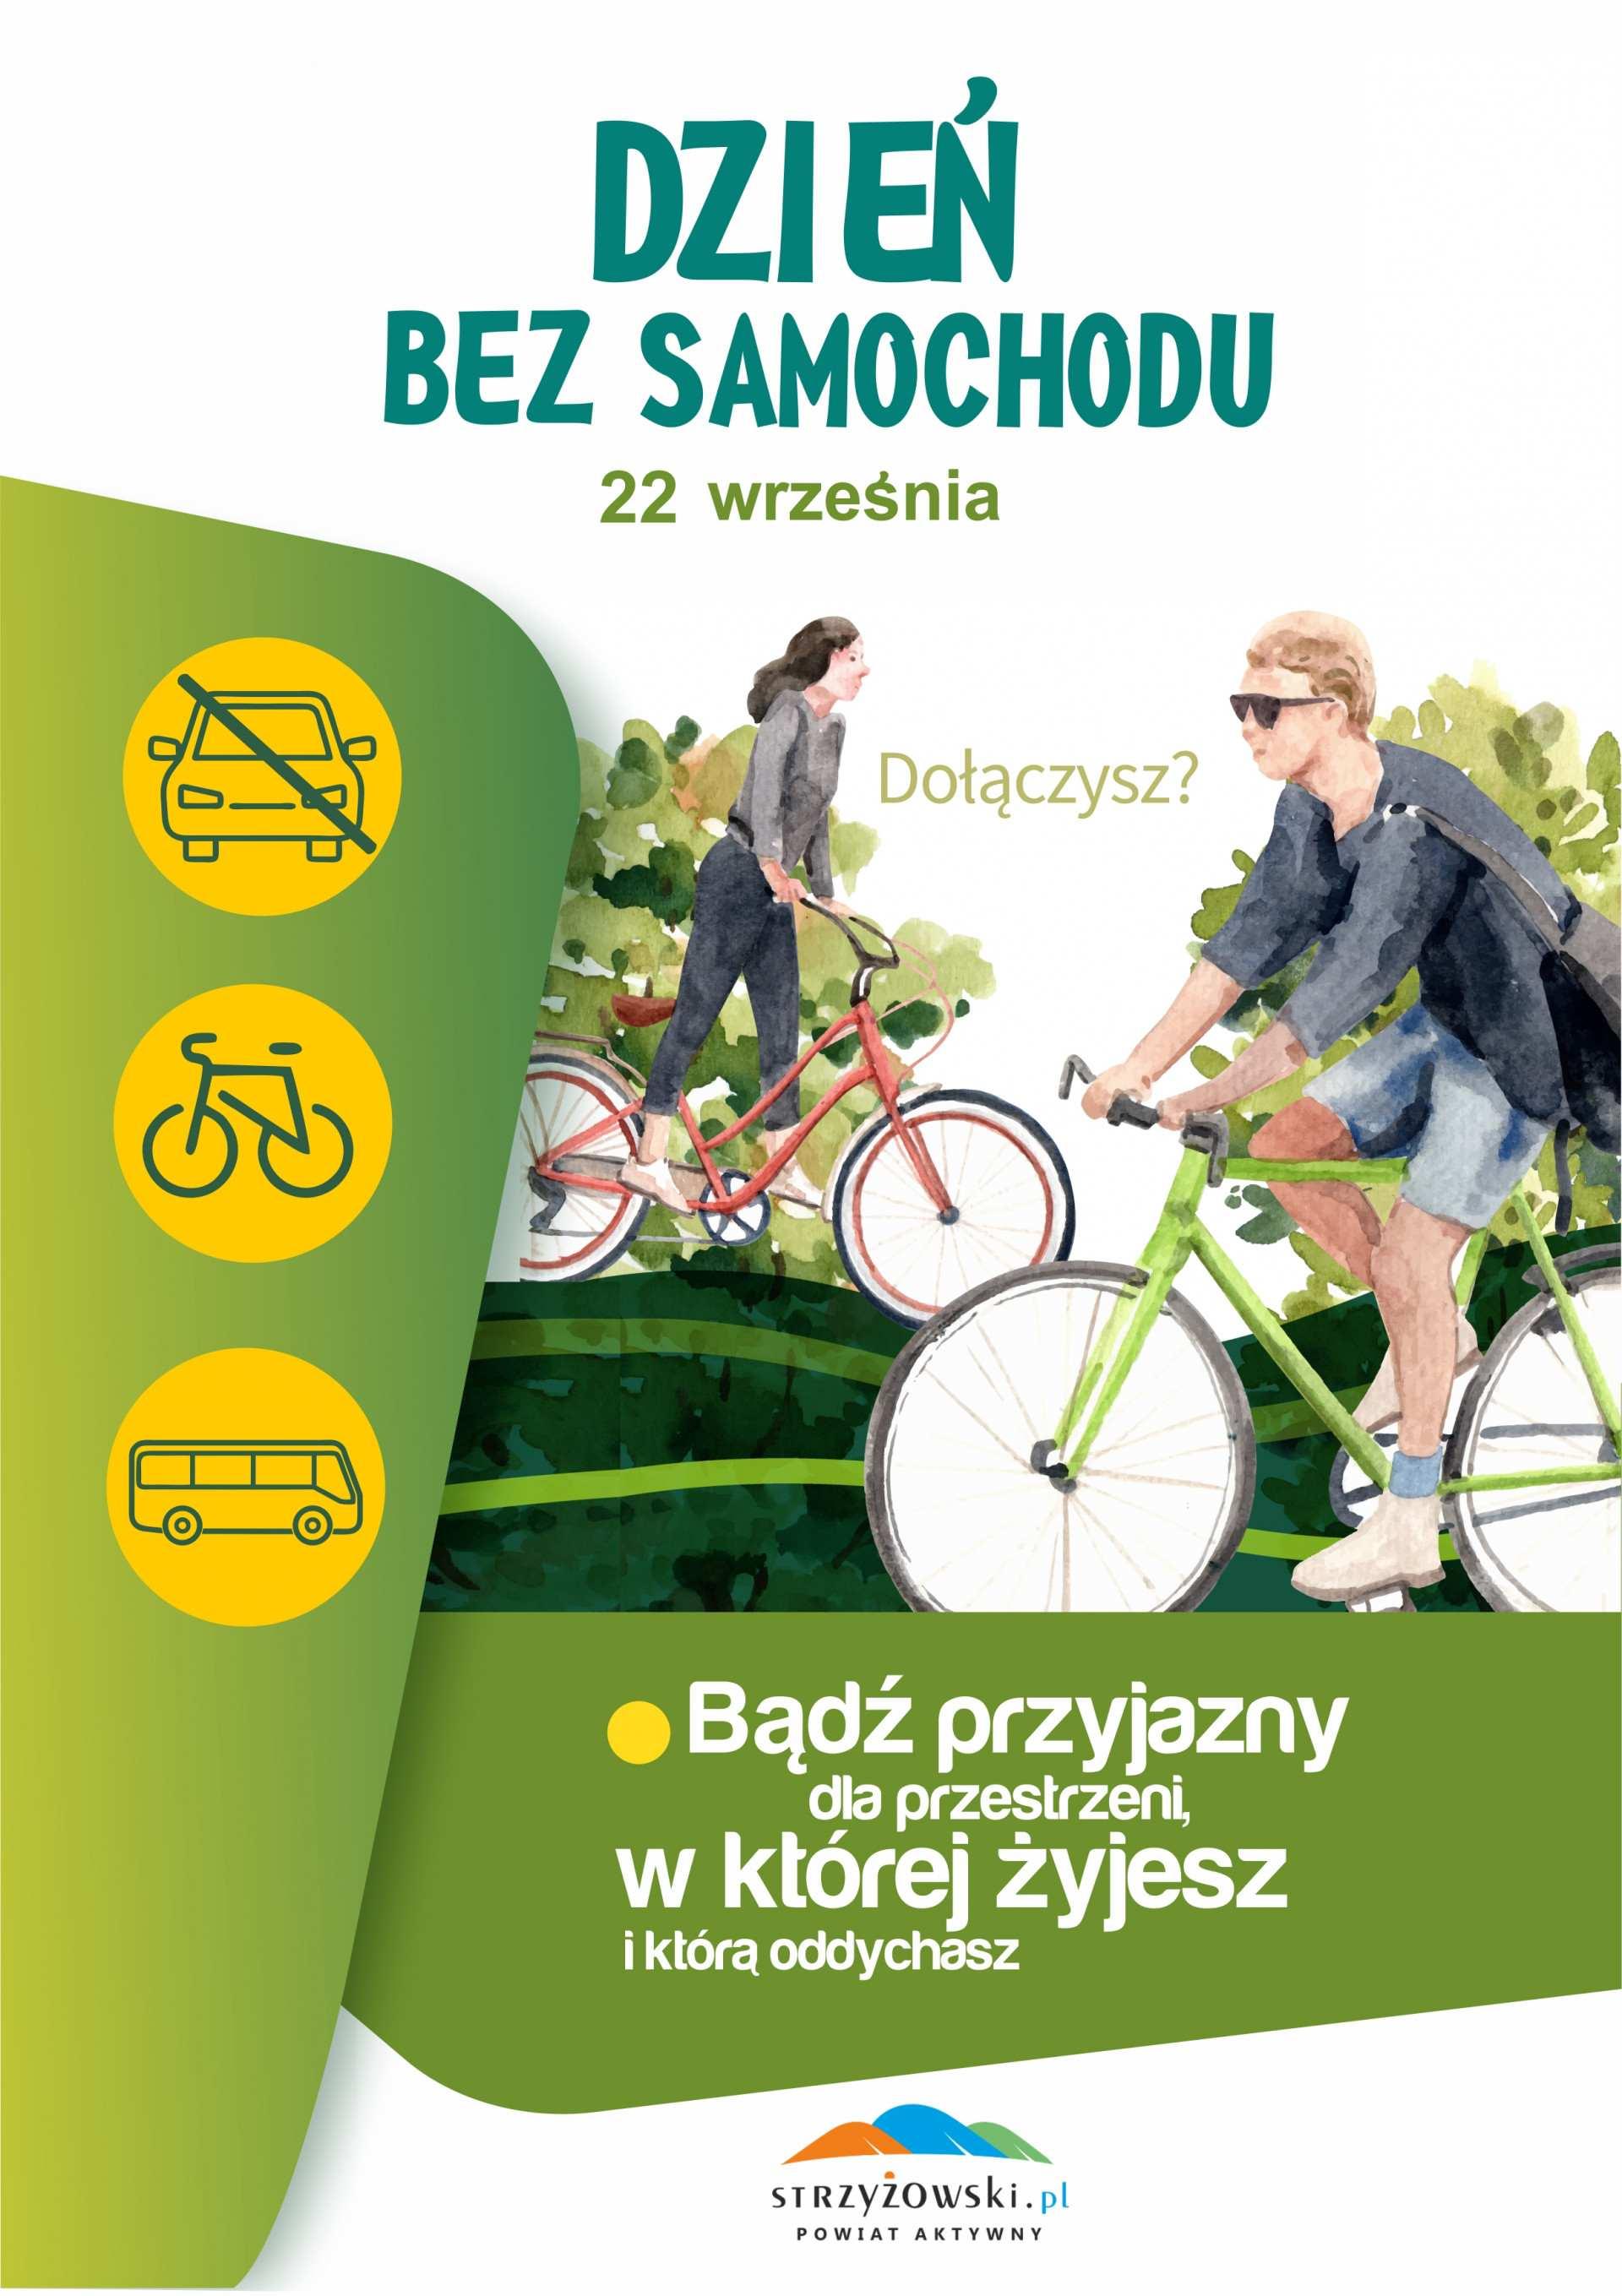 """""""Europejski Tydzień Zrównoważonego Transportu""""- kampania zainicjowana przez Komisję Europejską w 2002 r., którą zwieńczy """"Dzień bez samochodu"""" obchodzony corocznie 22 września."""